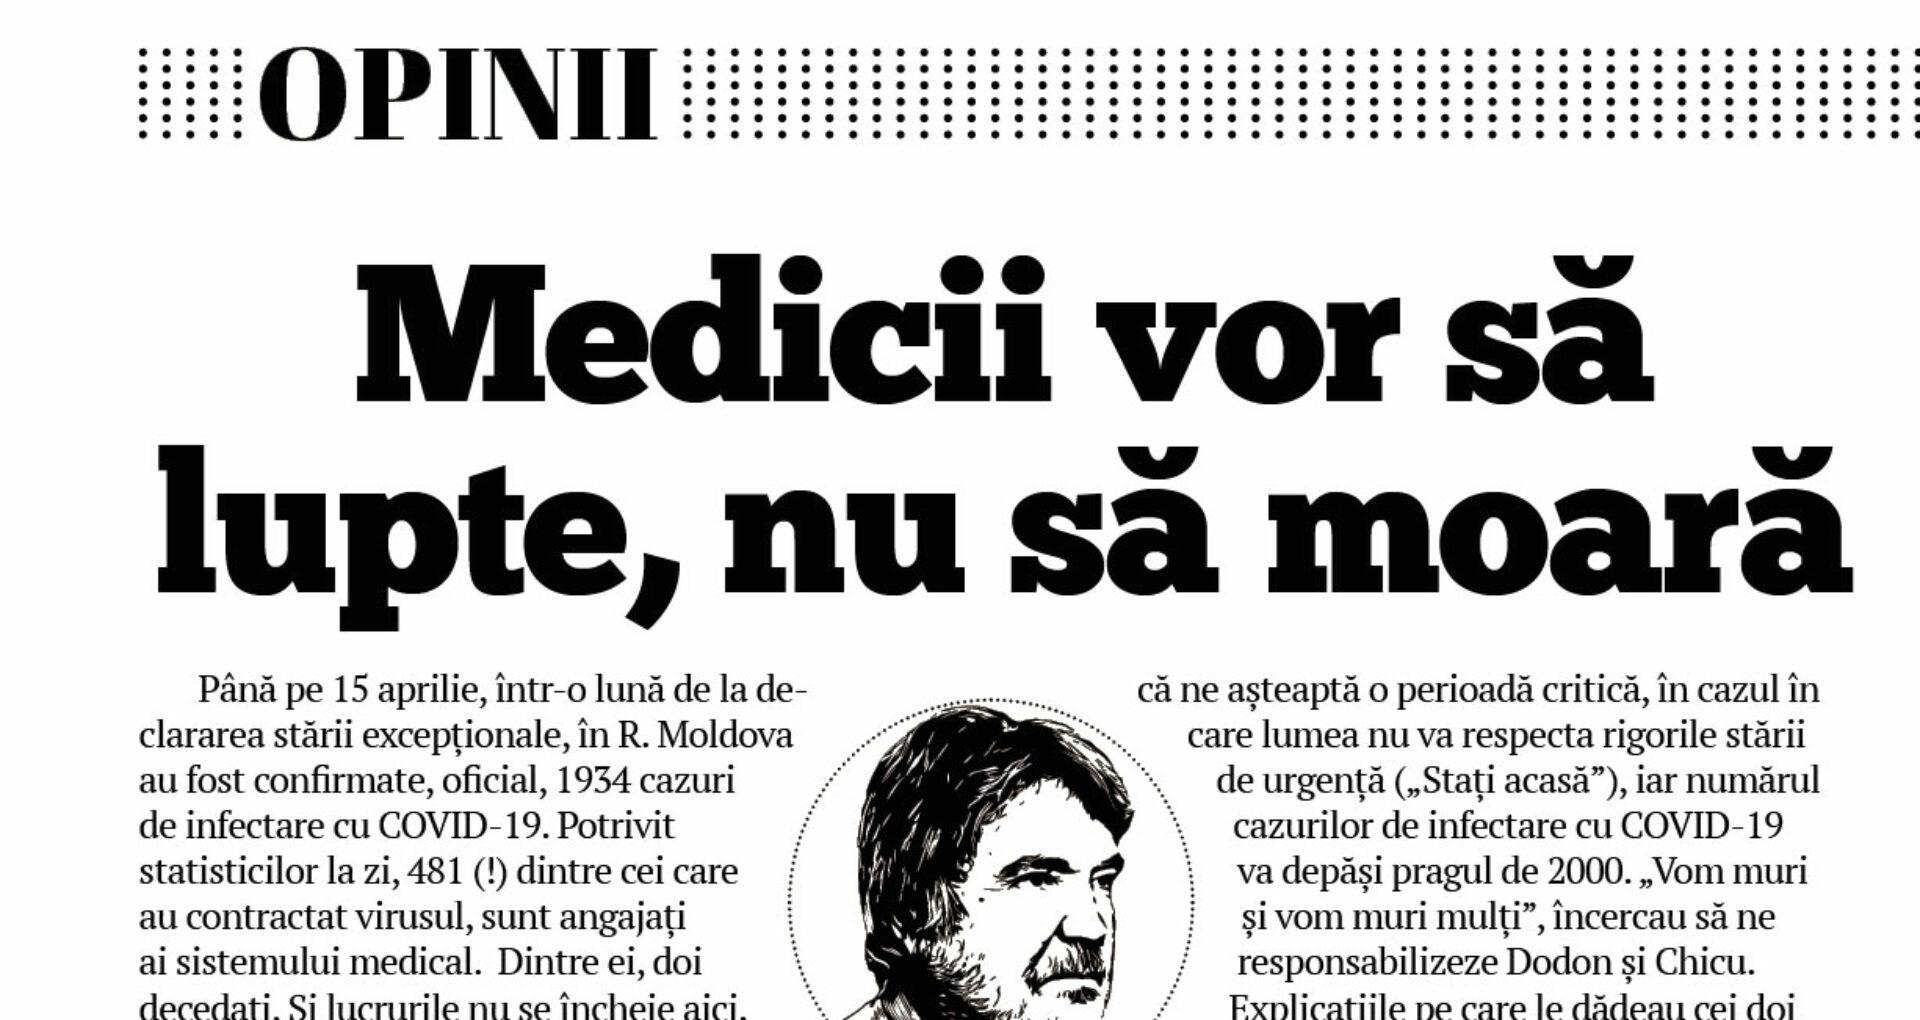 Medicii vor să lupte, nu să moară